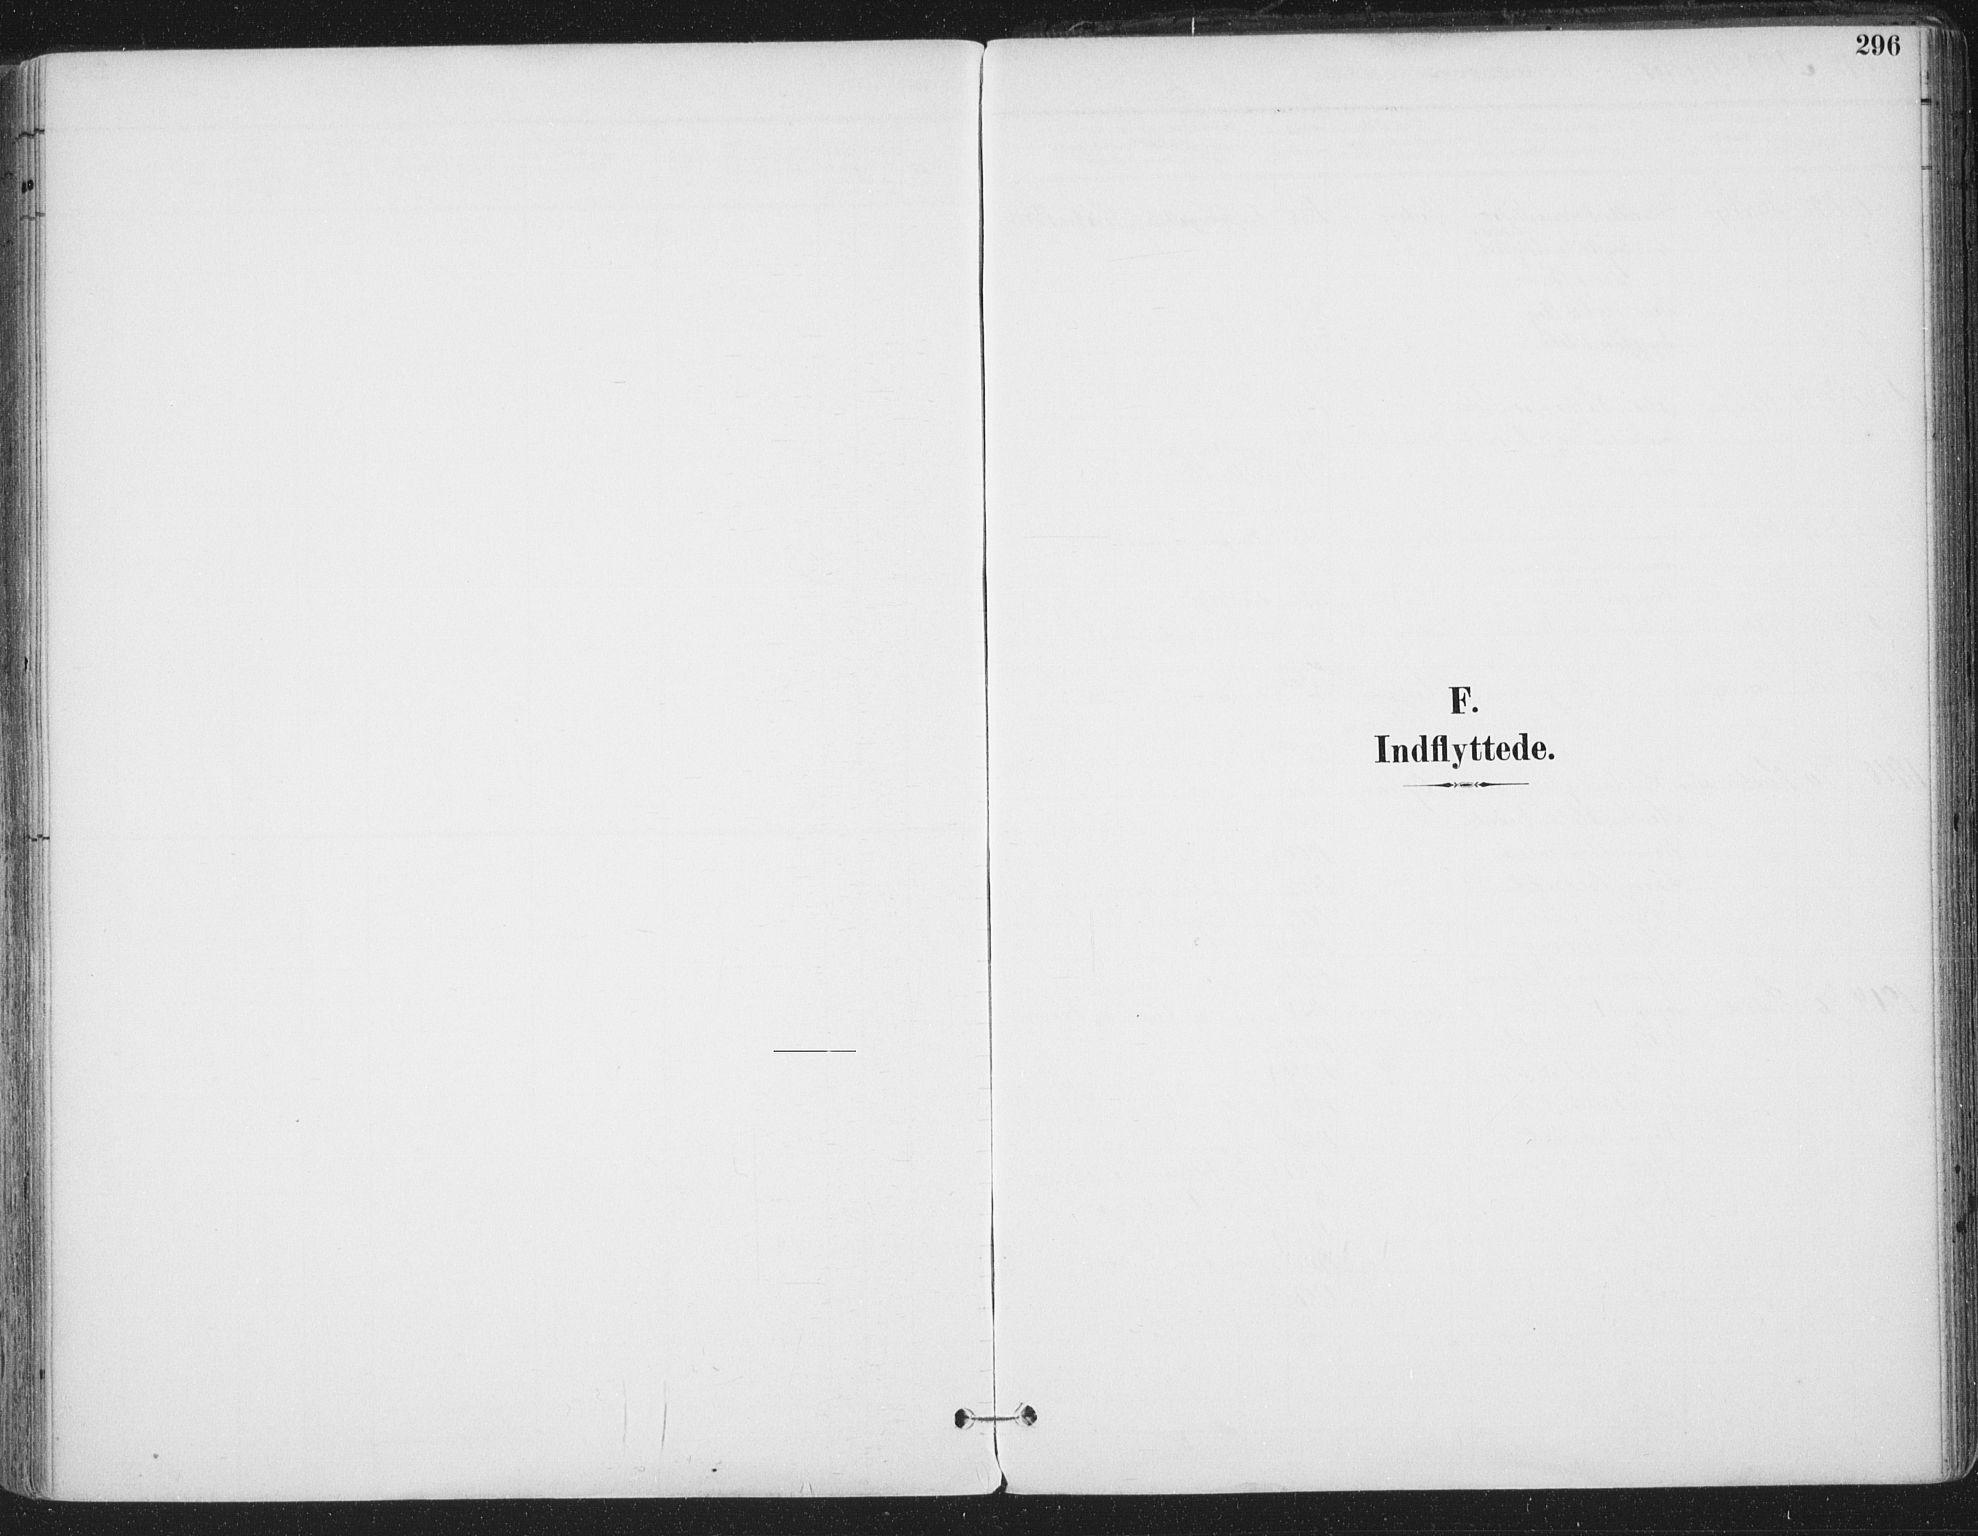 SAT, Ministerialprotokoller, klokkerbøker og fødselsregistre - Sør-Trøndelag, 659/L0743: Ministerialbok nr. 659A13, 1893-1910, s. 296